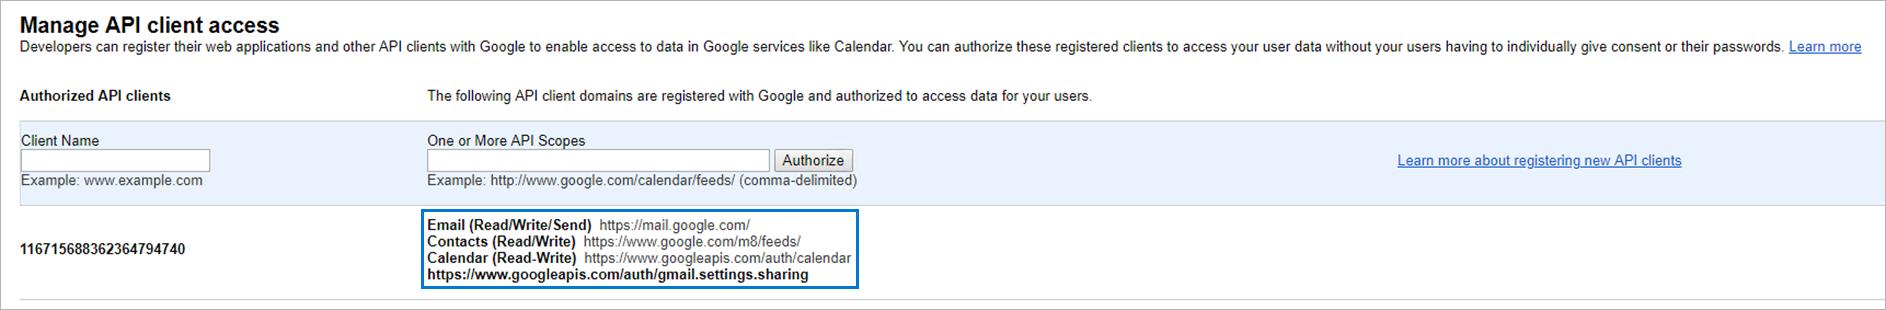 Authorize button